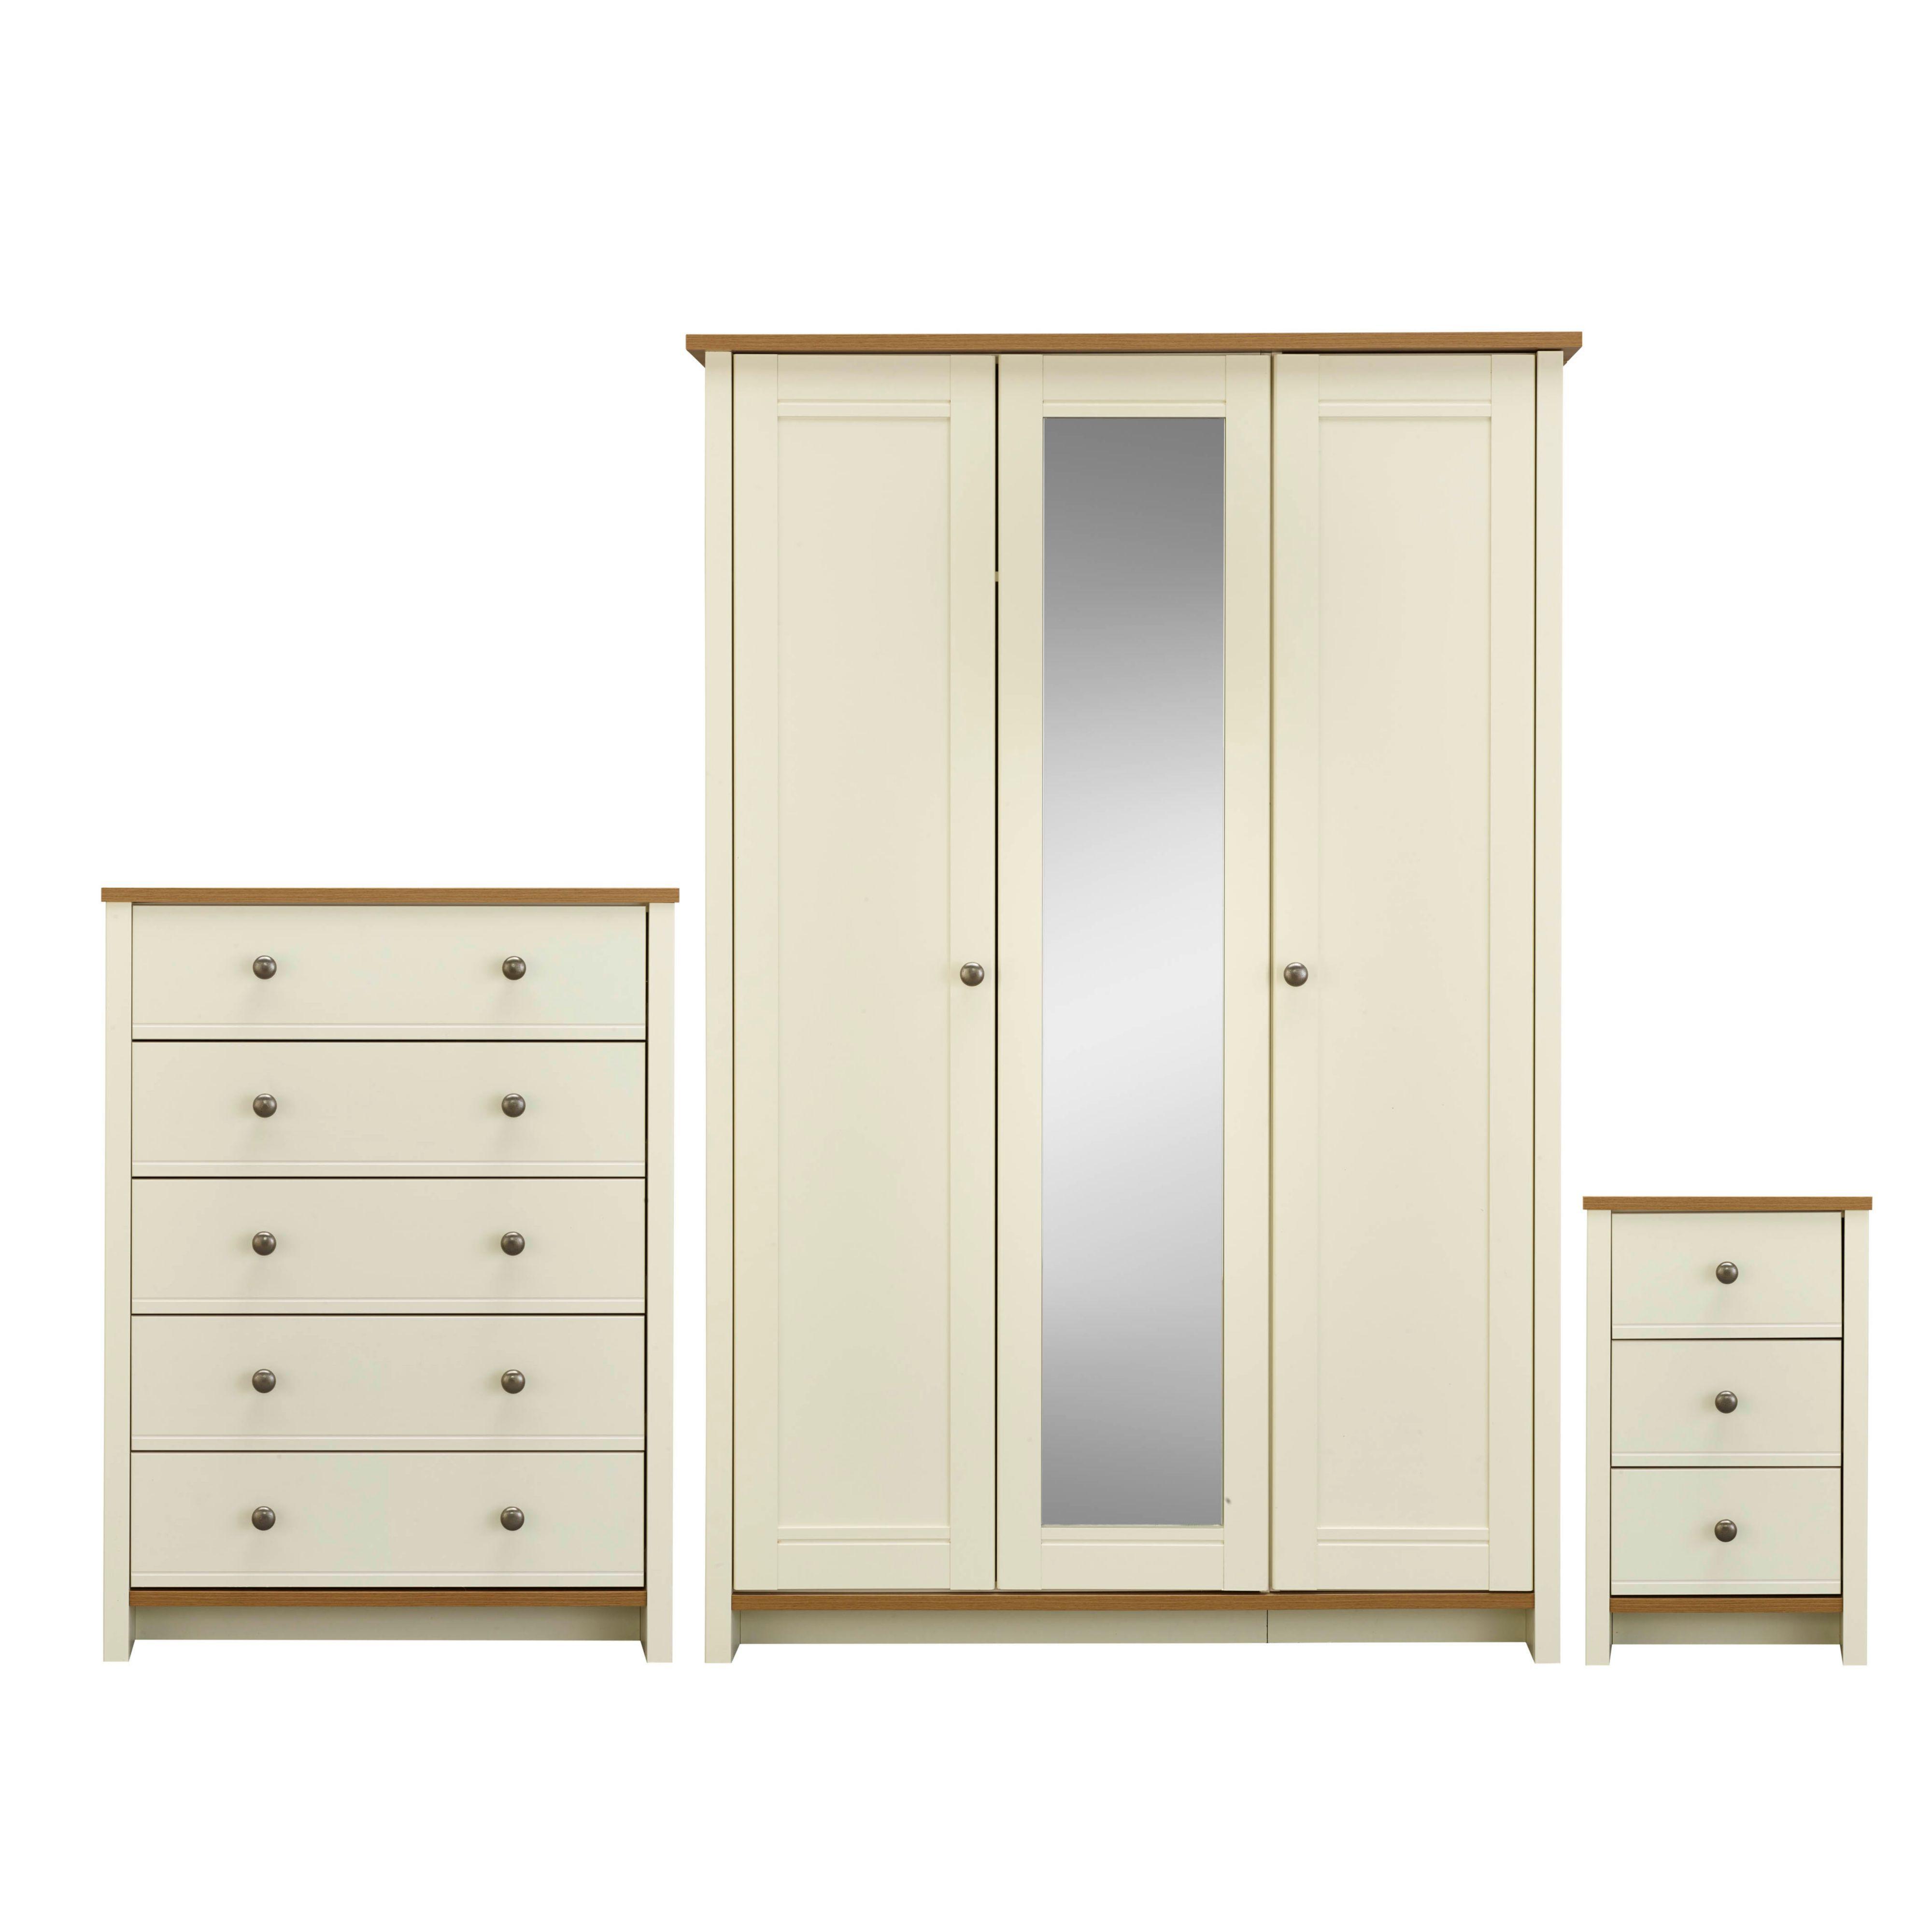 Manor vanilla oak effect 3 piece bedroom furniture set for Bedroom furniture sets b q